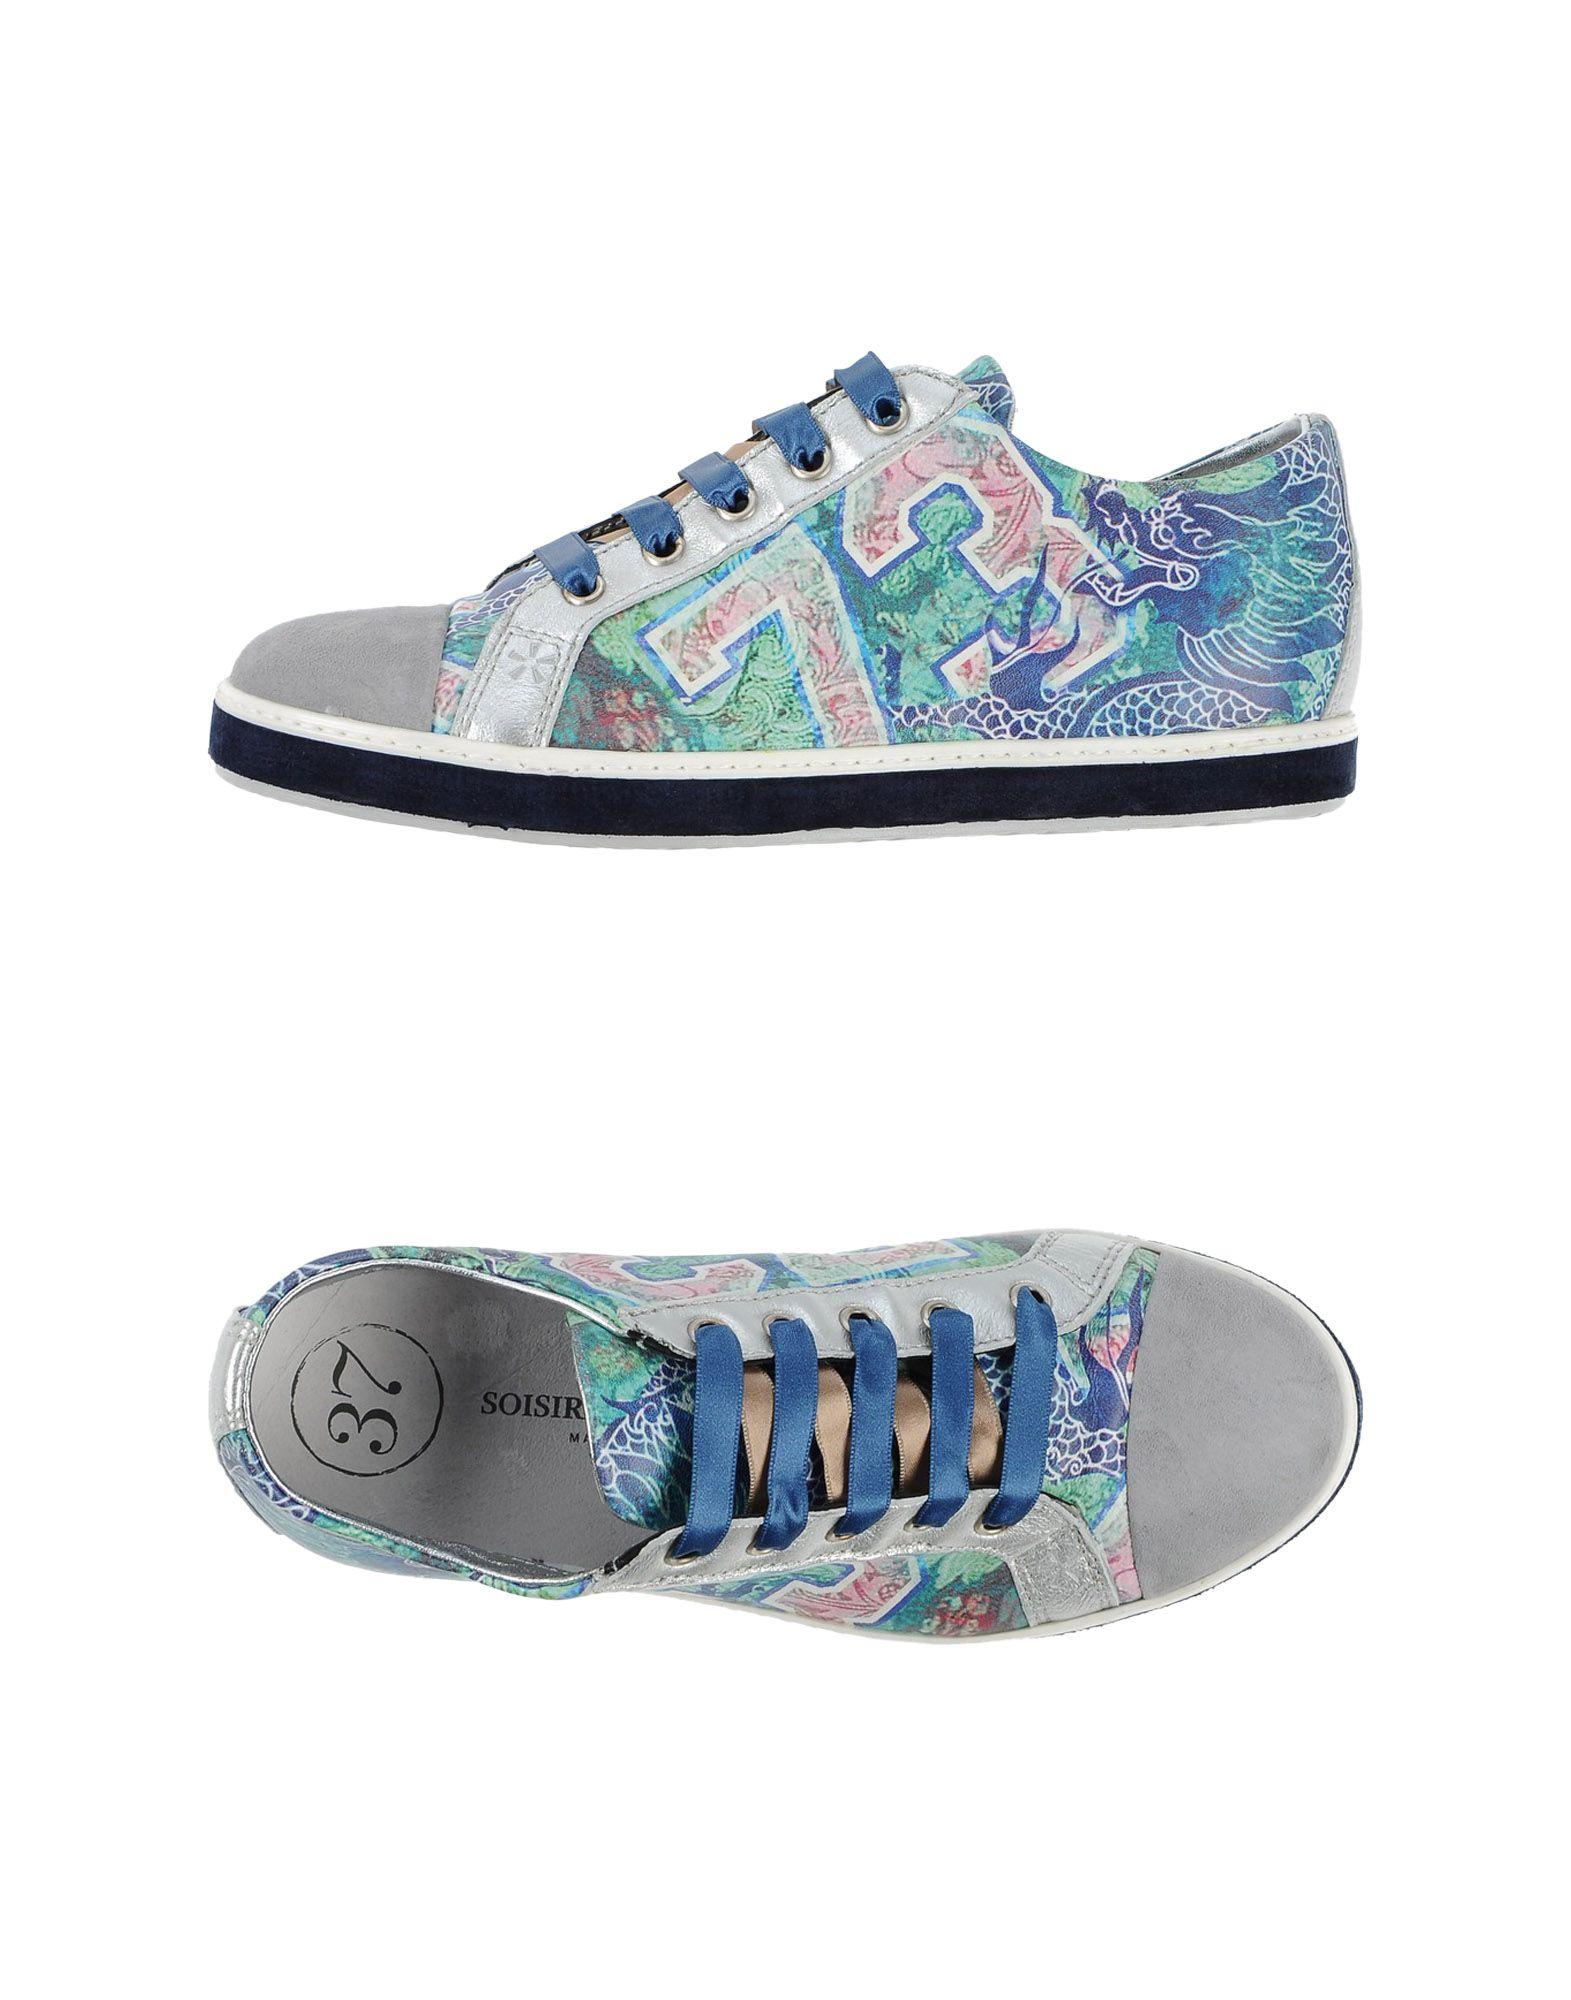 Stilvolle billige Schuhe Soisire 44775326II Soiebleu Sneakers Damen  44775326II Soisire 2bc435